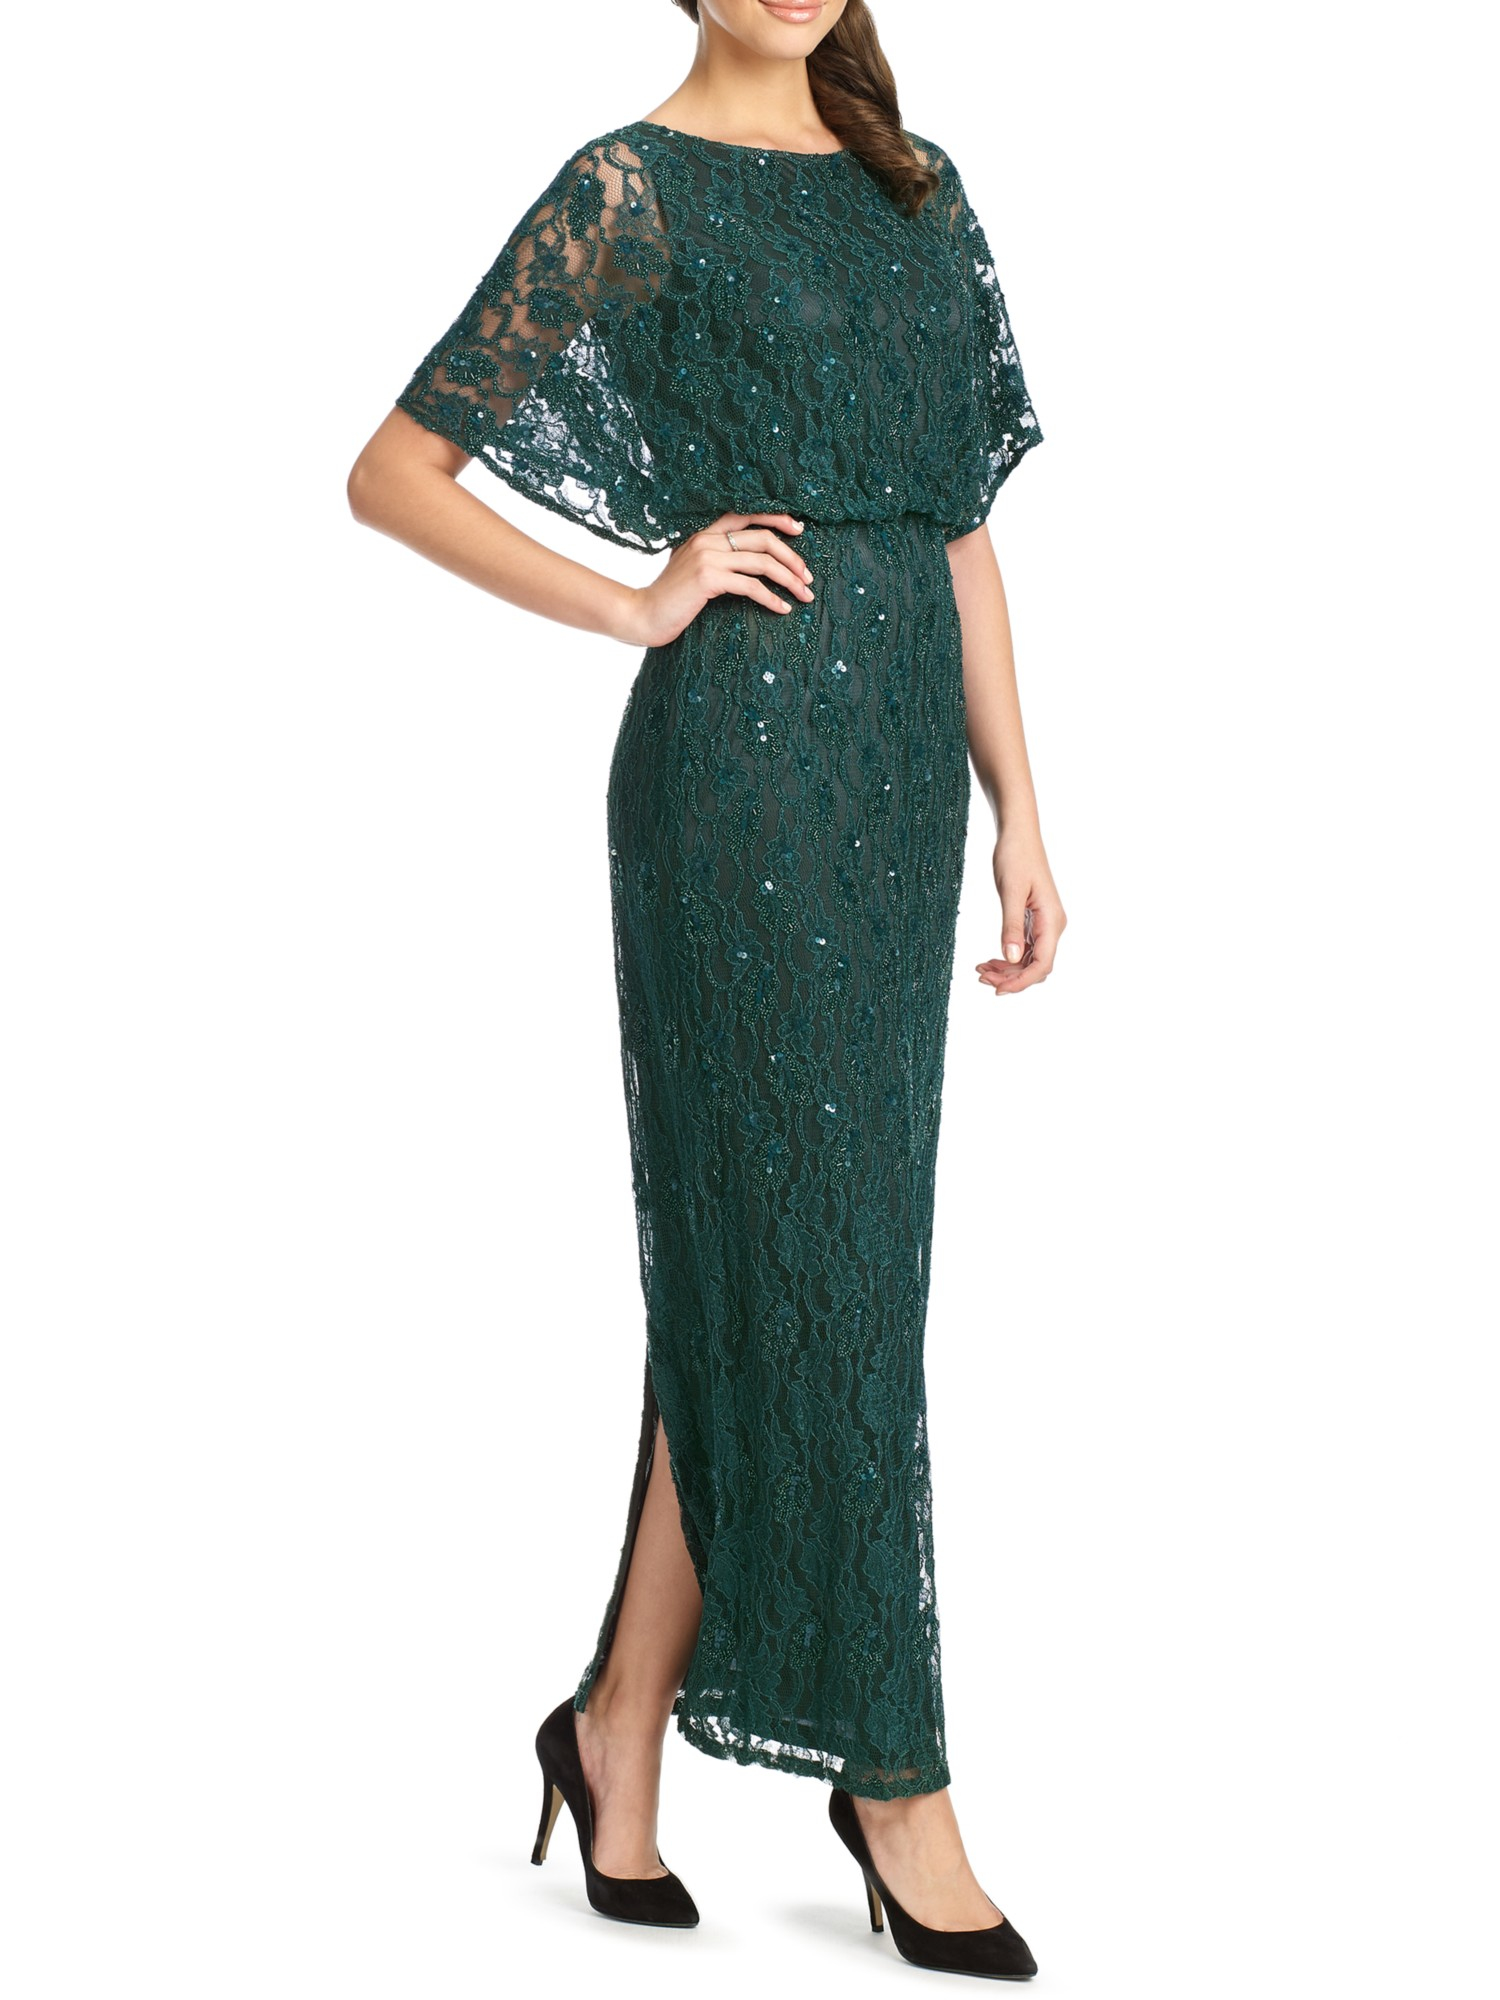 Ariella green lace dress